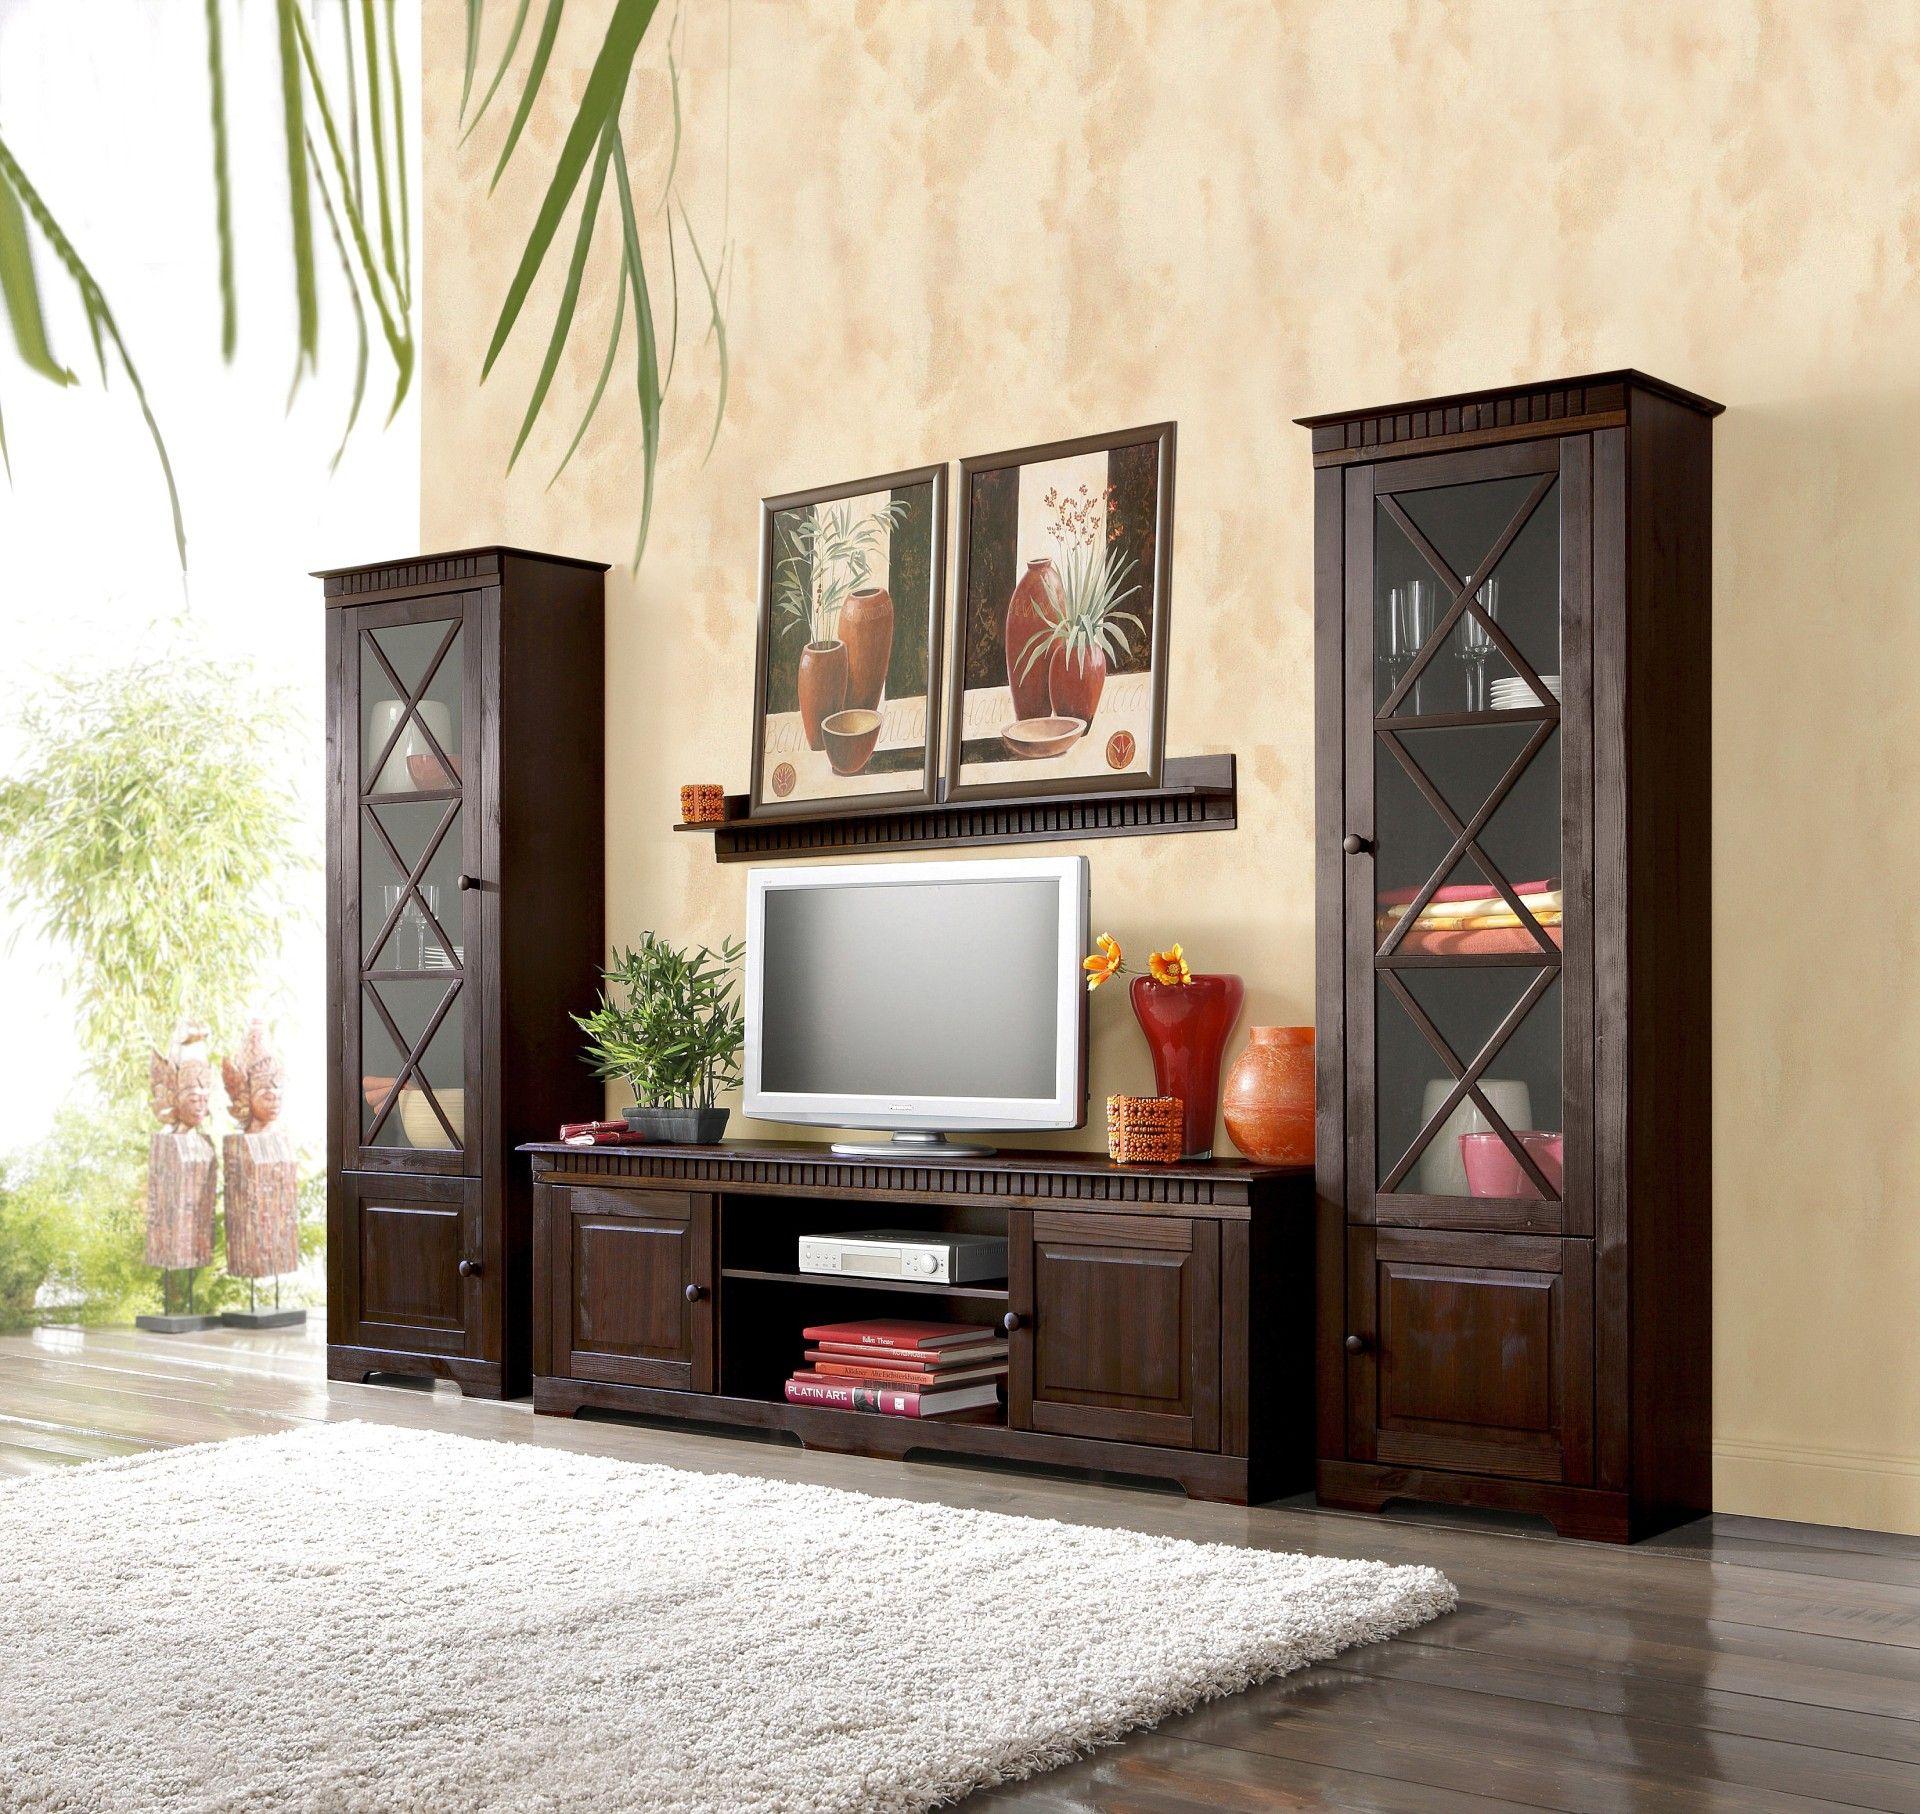 Wohnzimmer-Schränke In Modern-rustikalem Stil